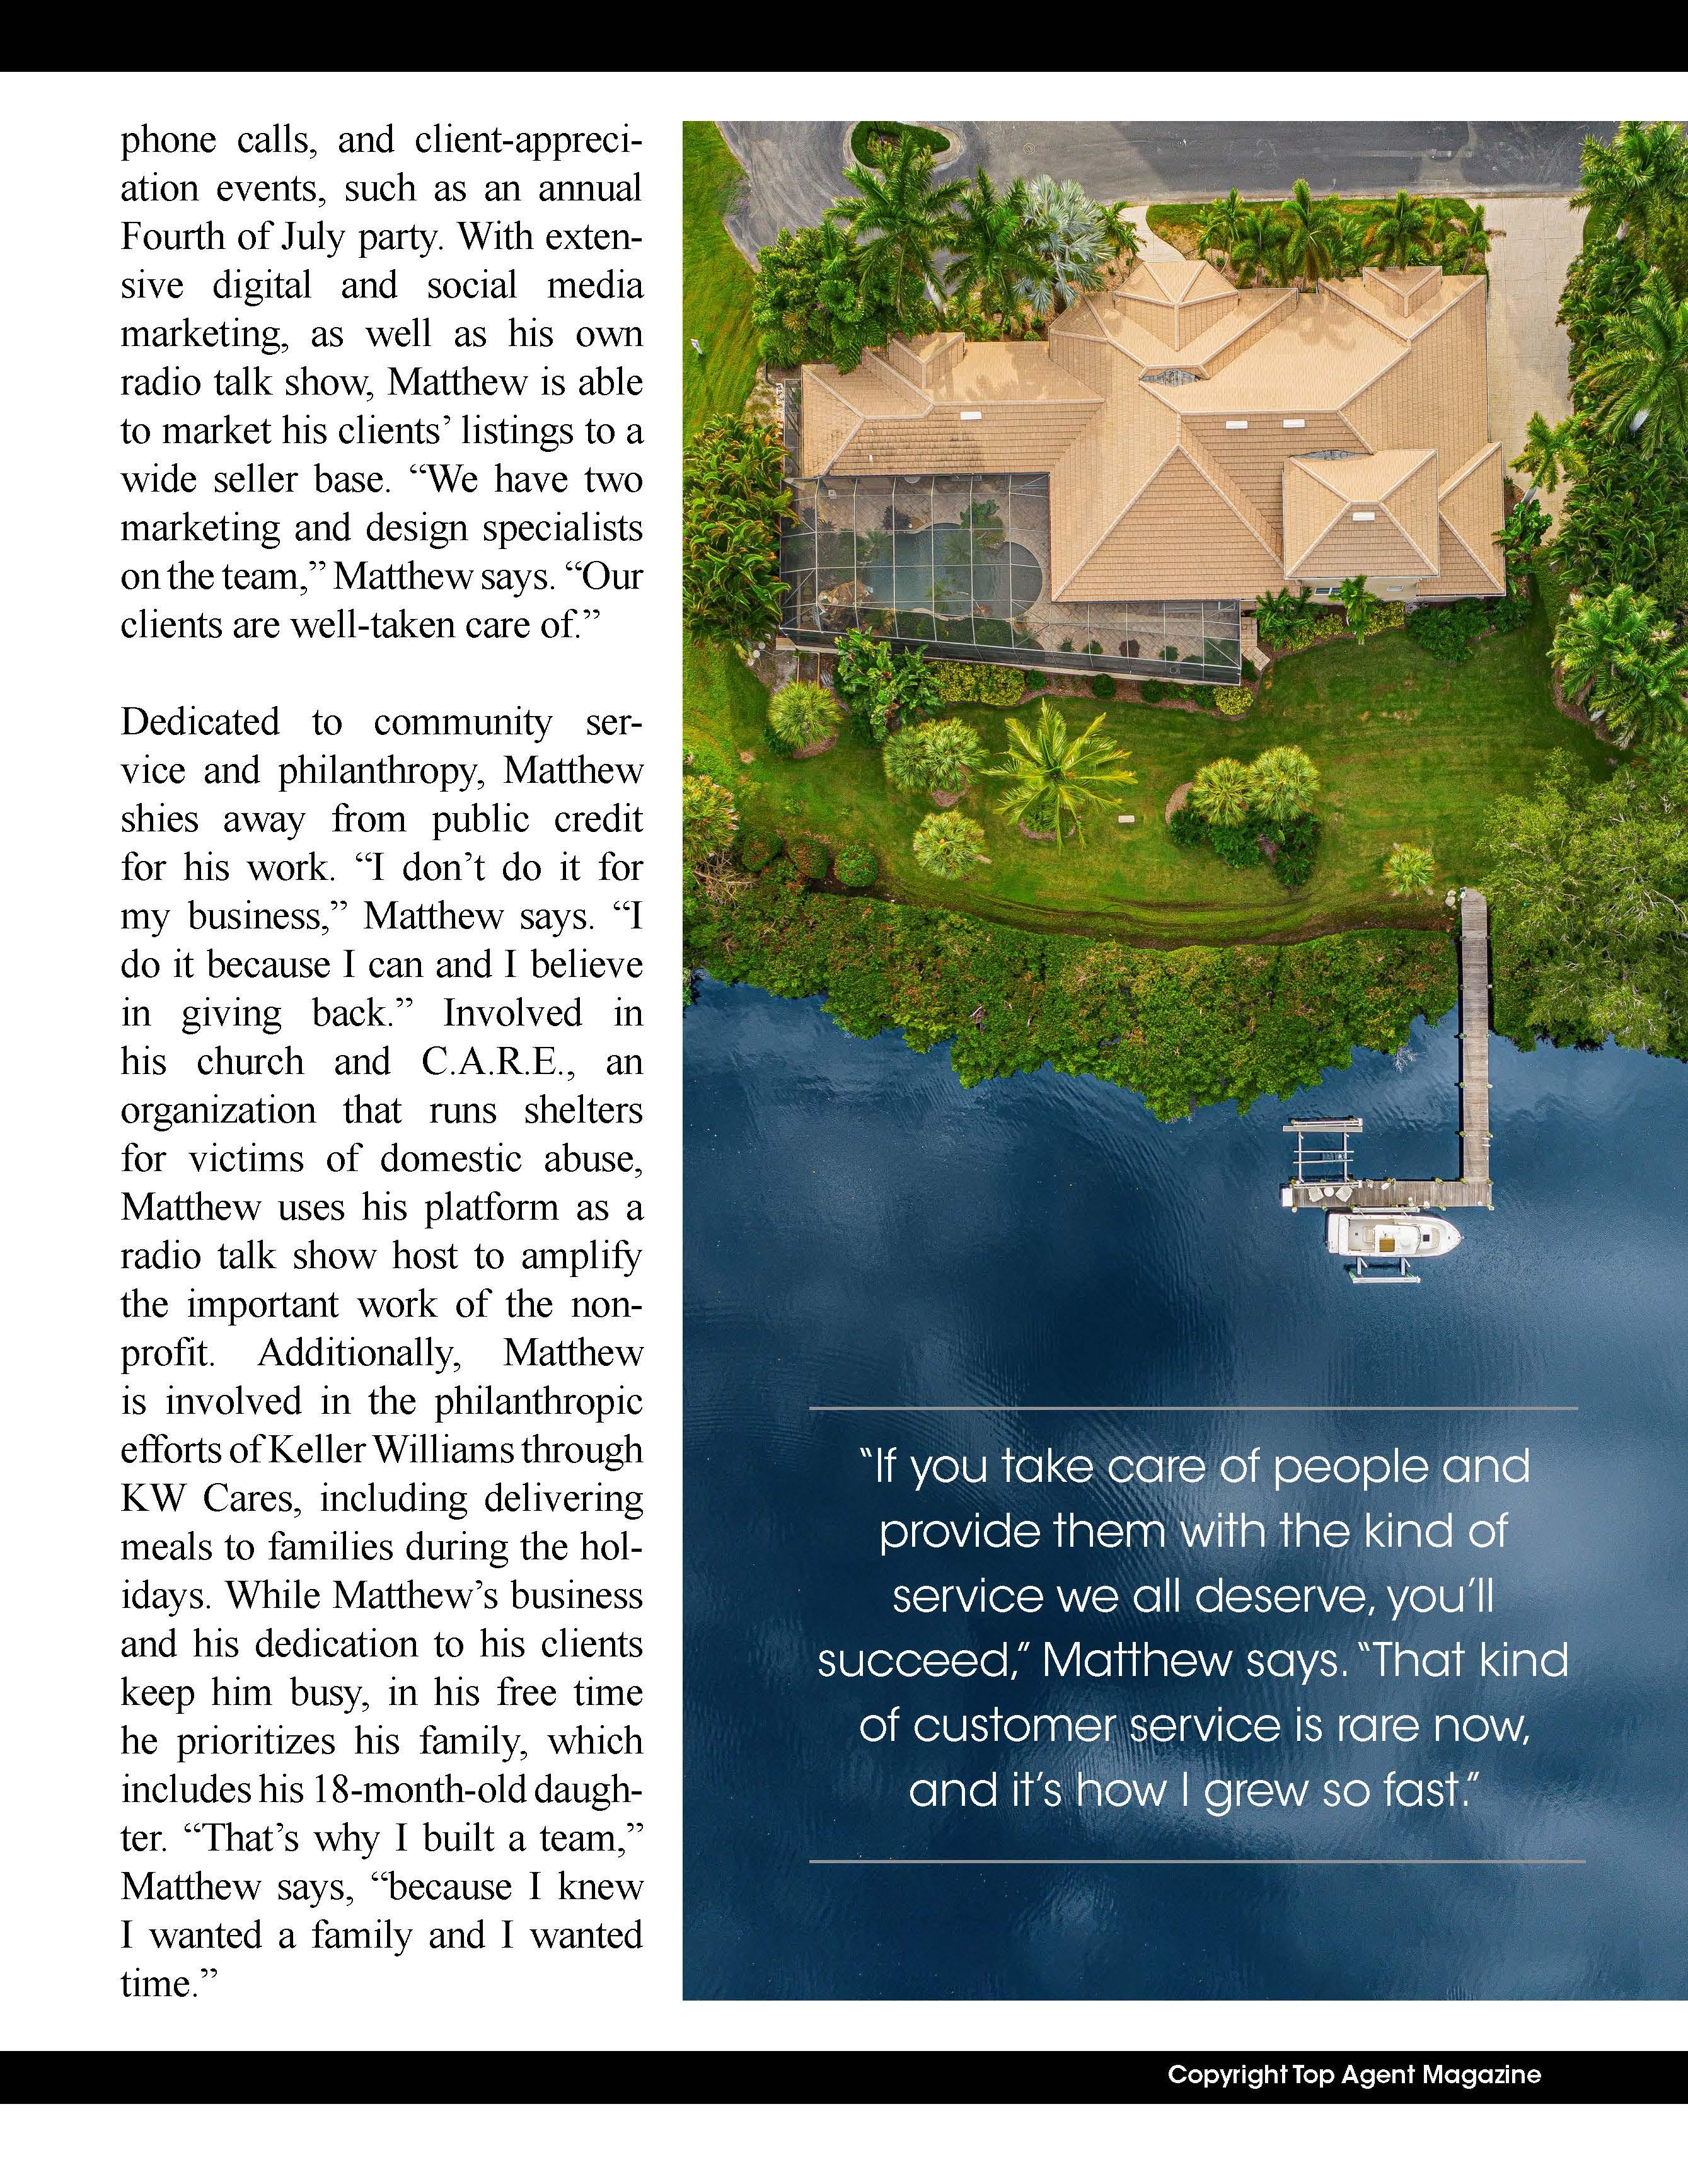 Top Agent Magazine MATTHEW PATTERSON JPEG_Page_5.jpg